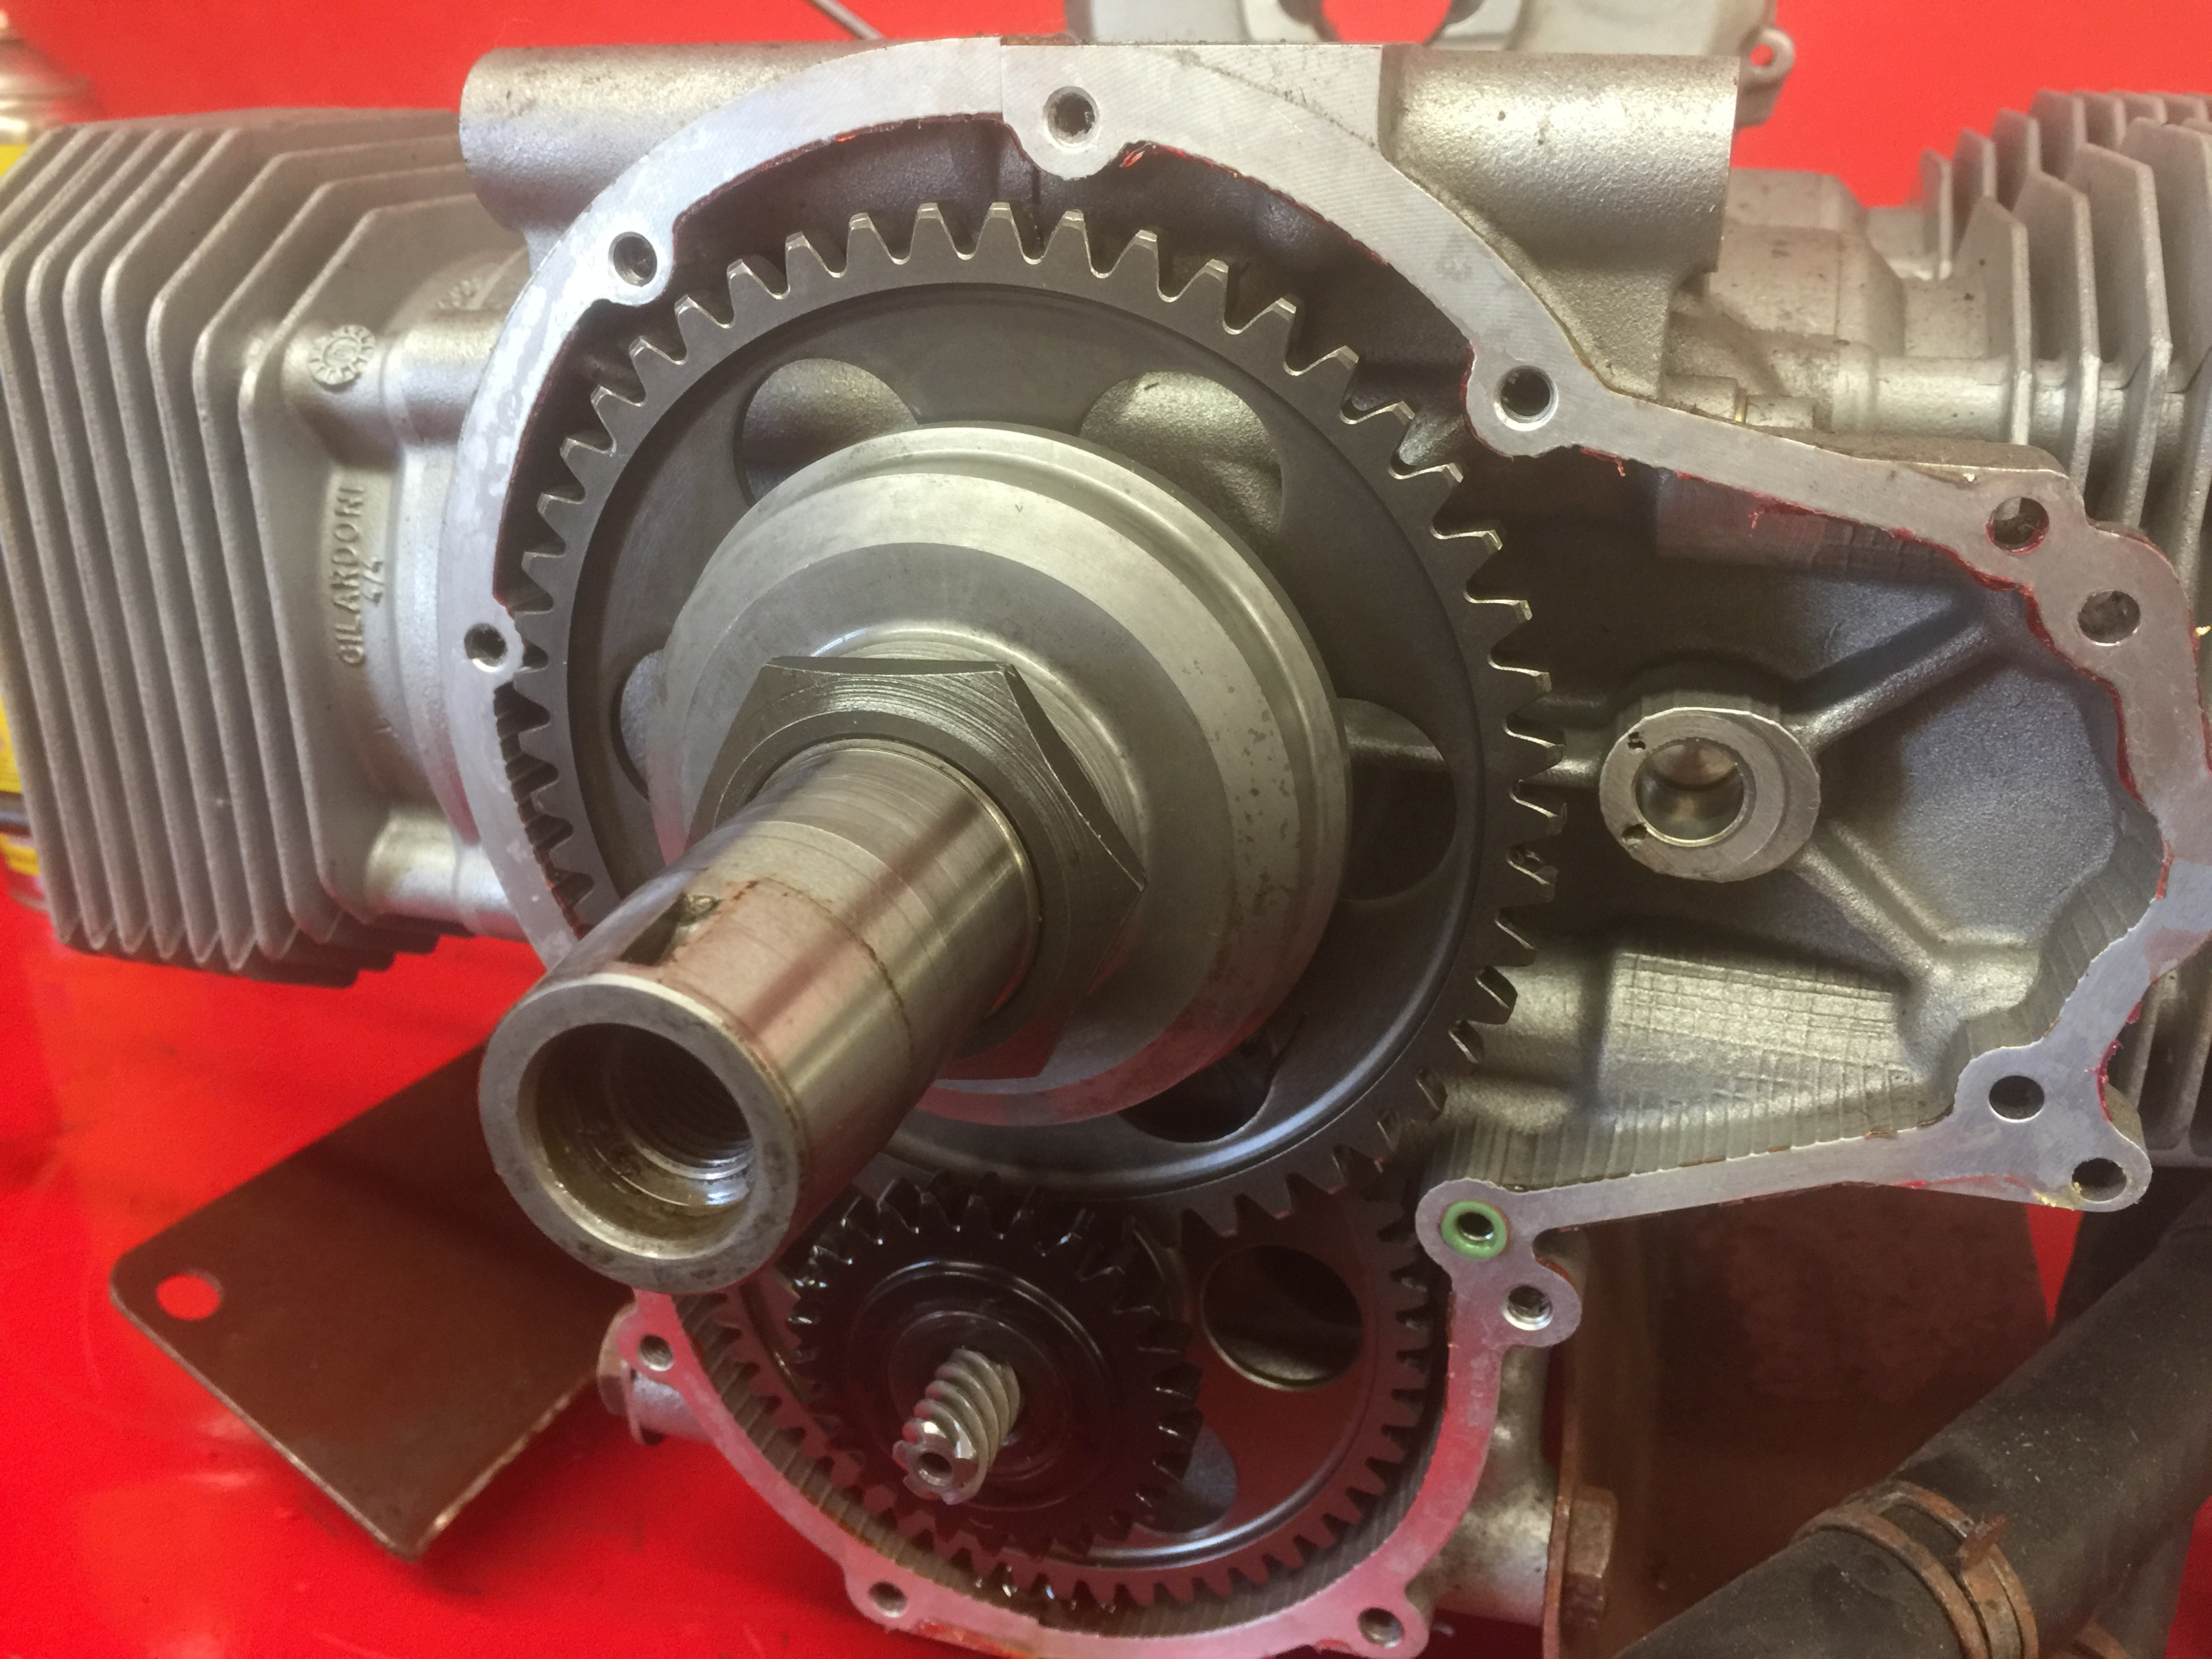 WRG-1635] Rotax 912 Engine Diagram